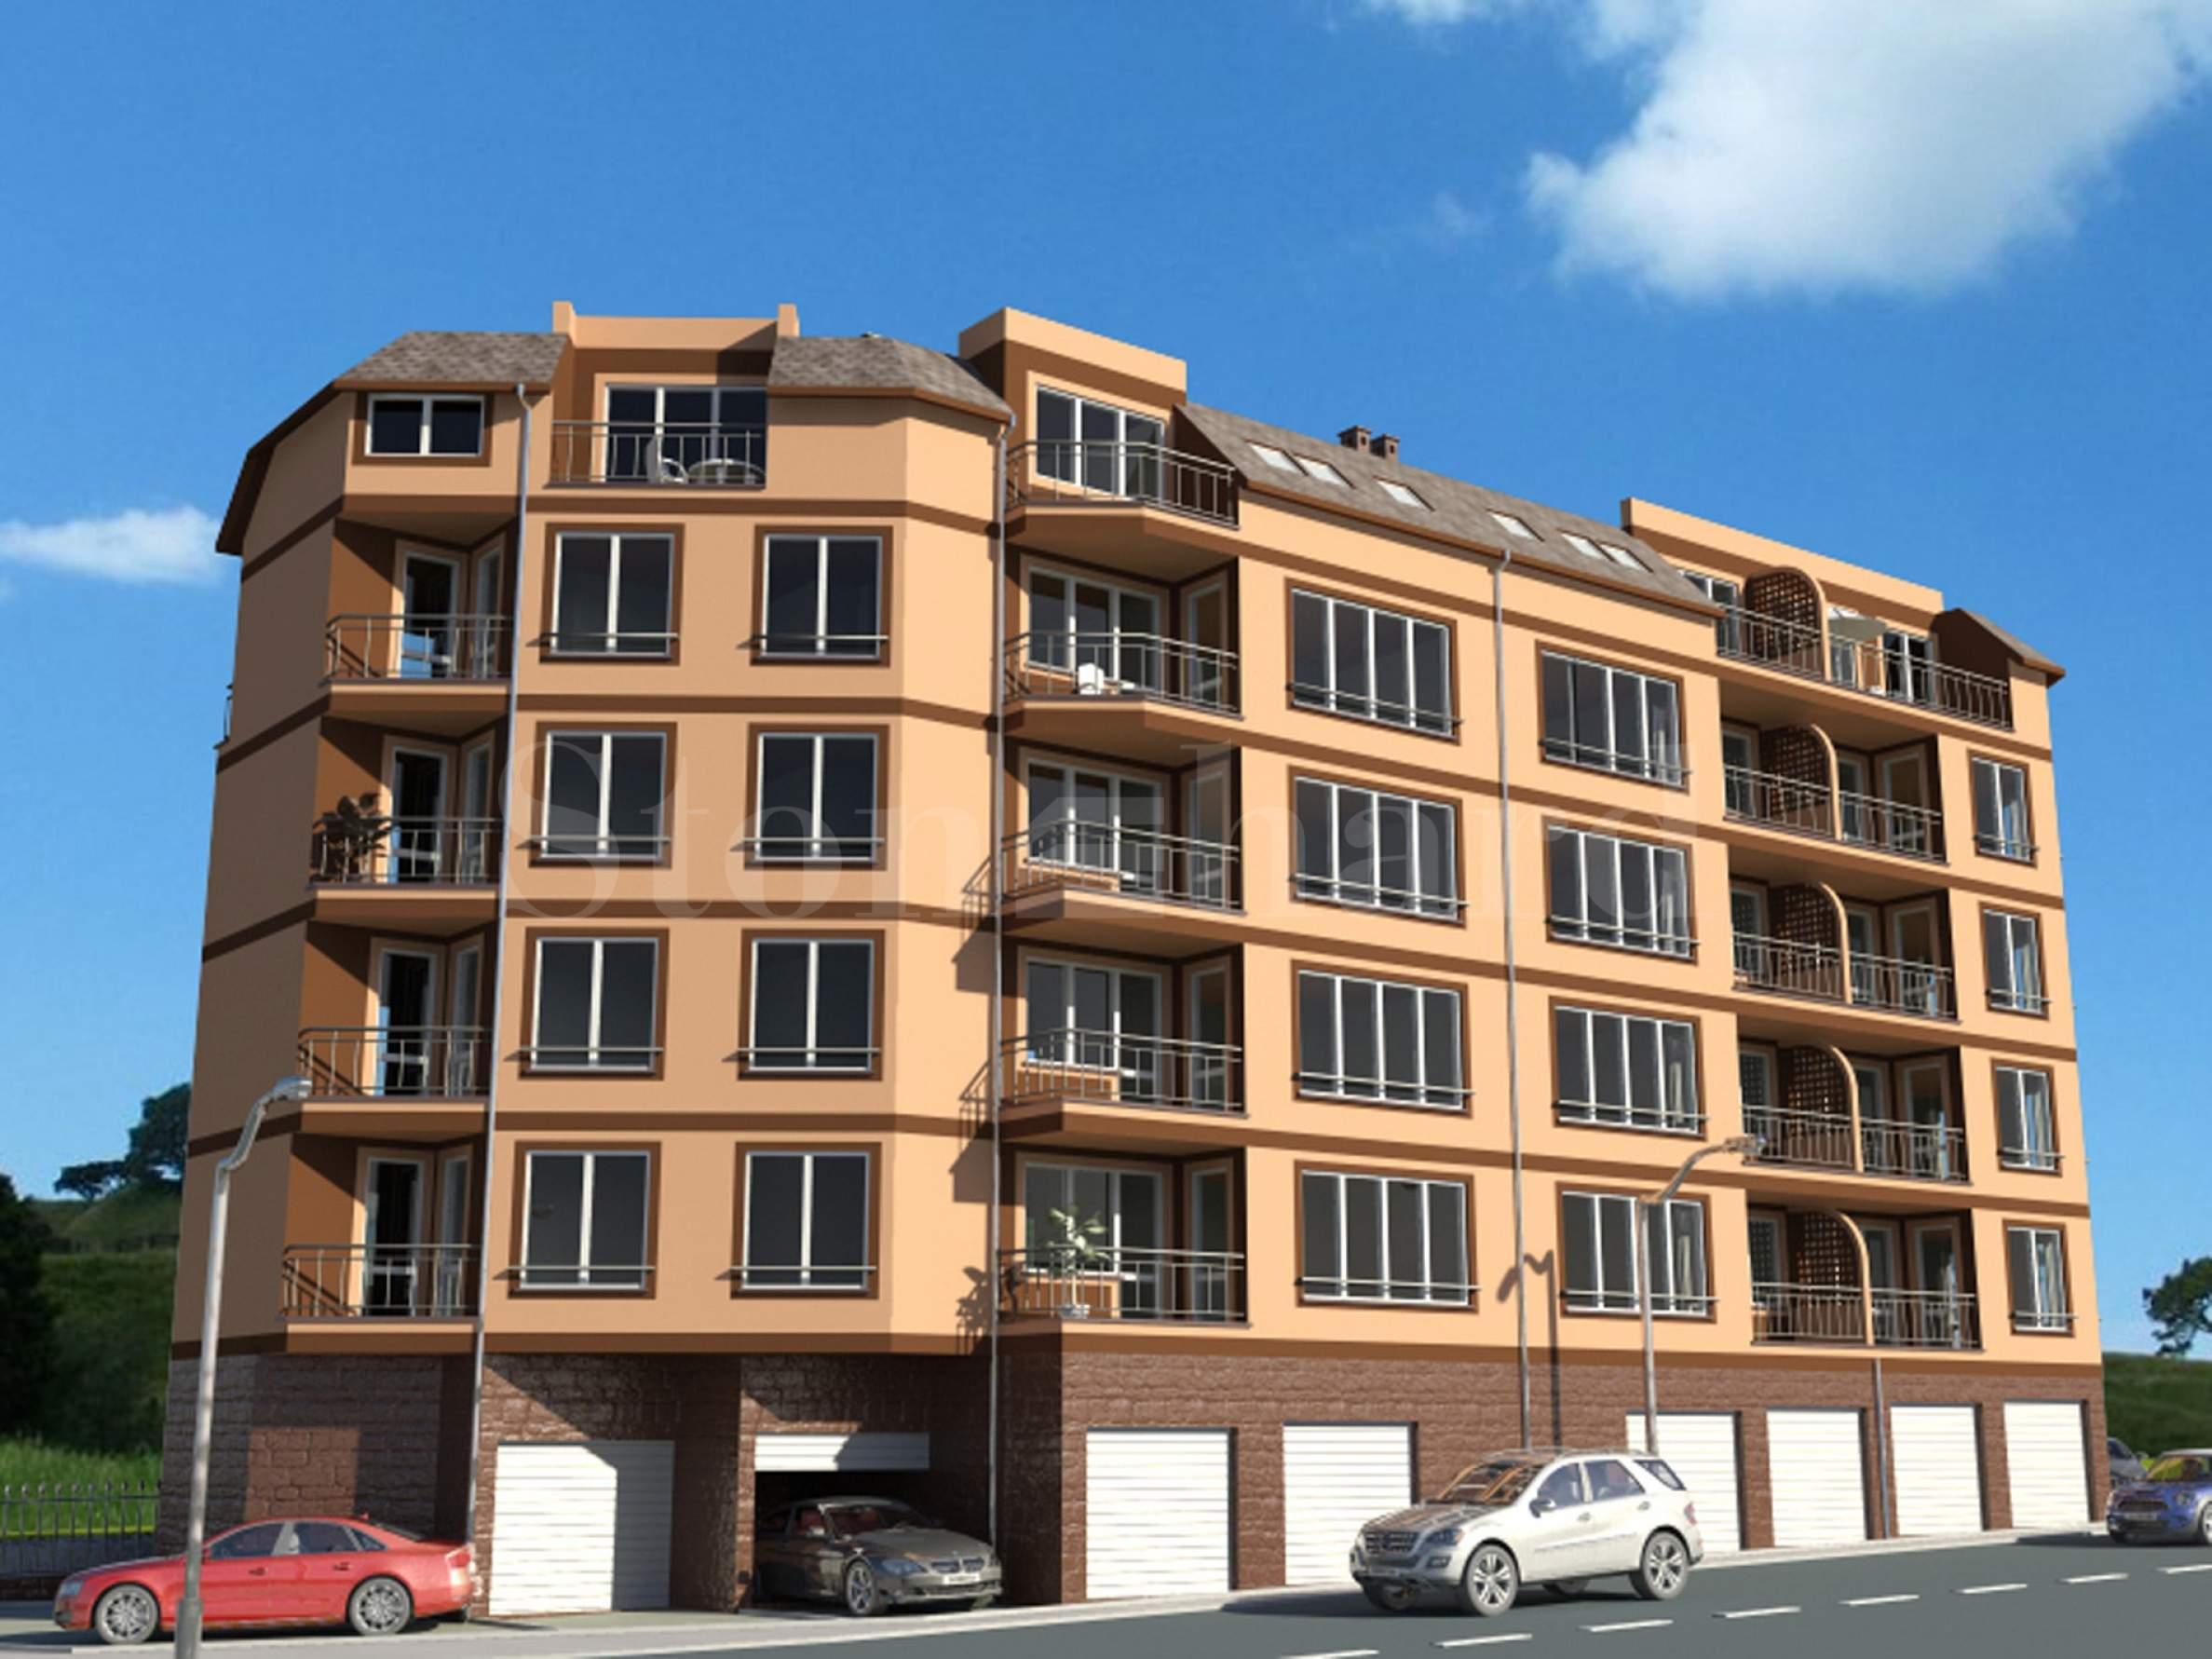 Нови апартаменти в строяща се сграда с гледки към Витоша1 - Stonehard